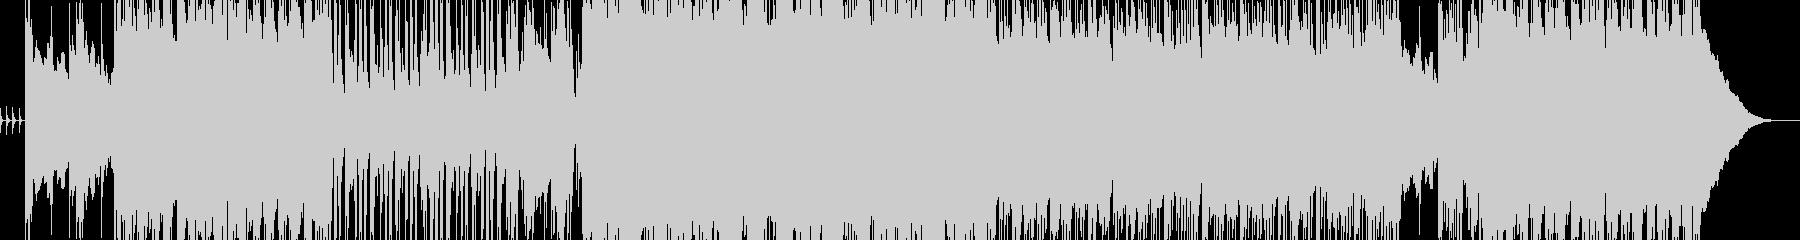 重厚感のあるダークなロックサウンドの未再生の波形